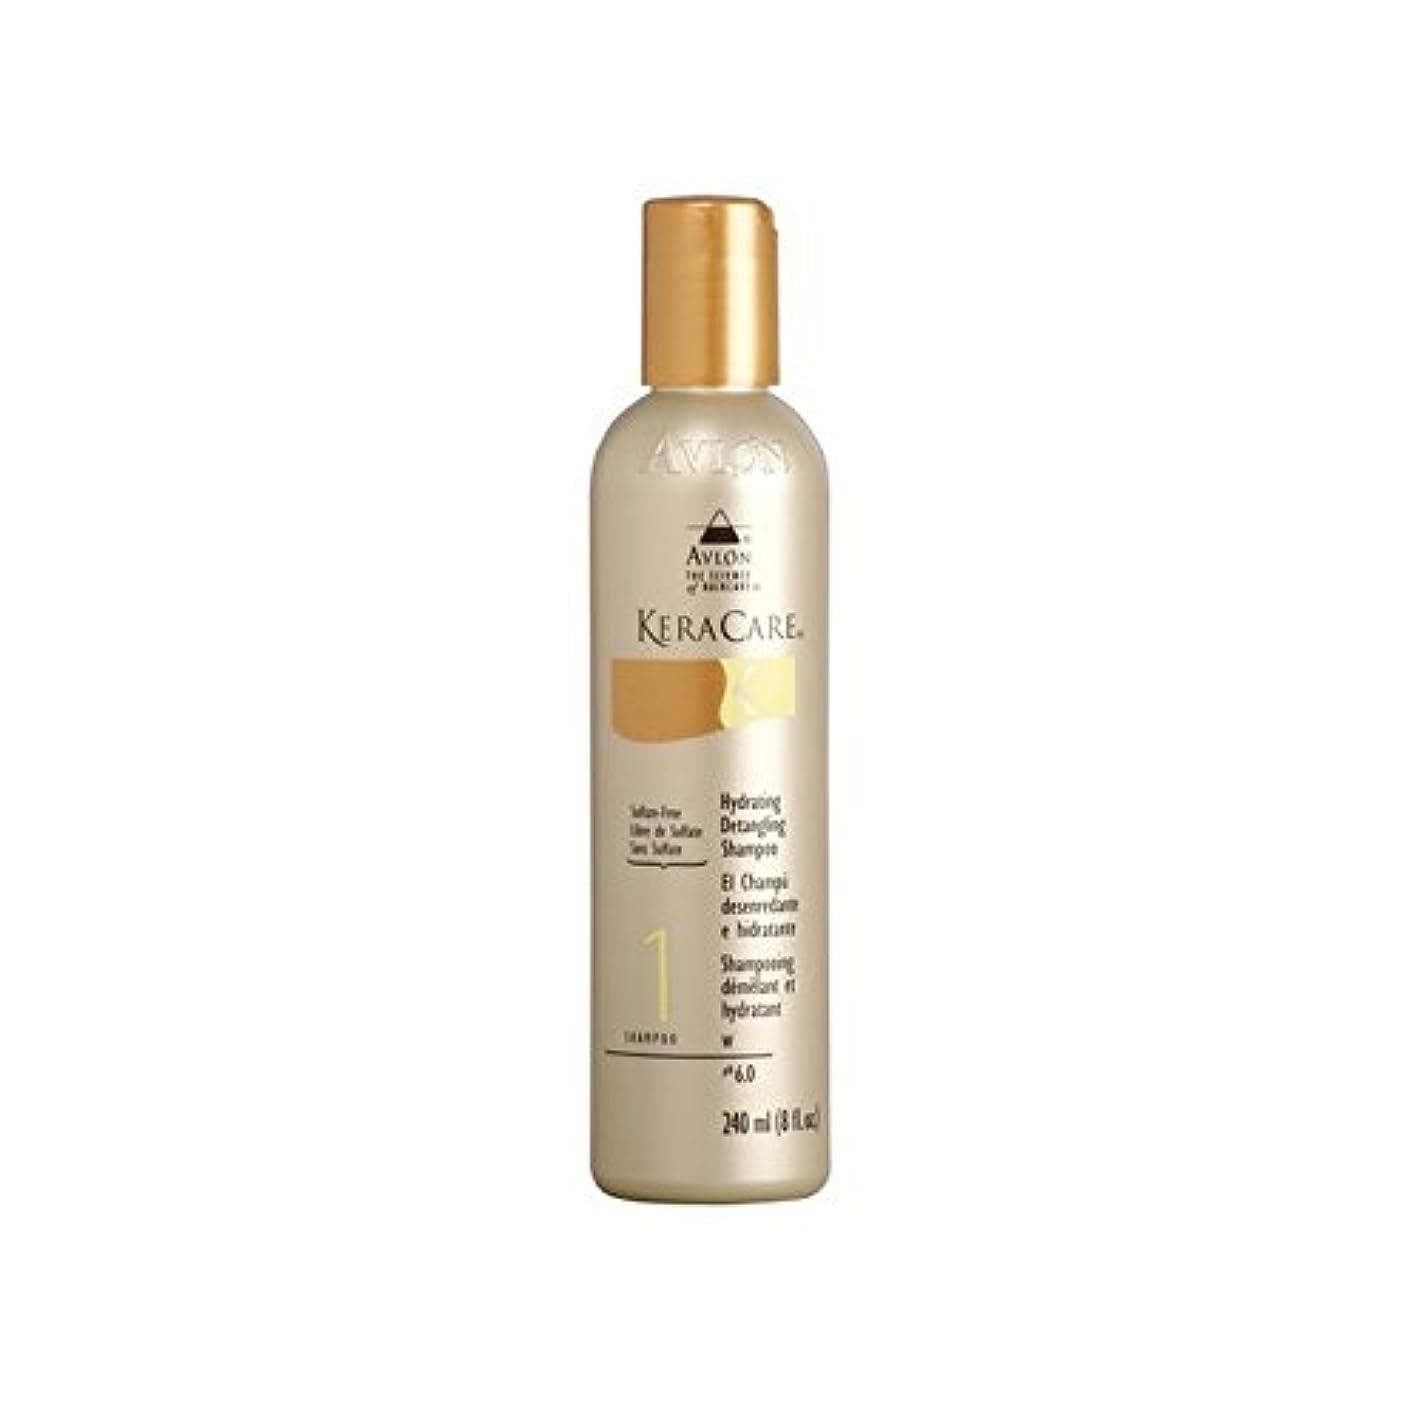 鳴り響く性格プロットKeracare Hydrating Detangling Shampoo (240ml) (Pack of 6) - 水和もつれ解除シャンプー(240ミリリットル) x6 [並行輸入品]